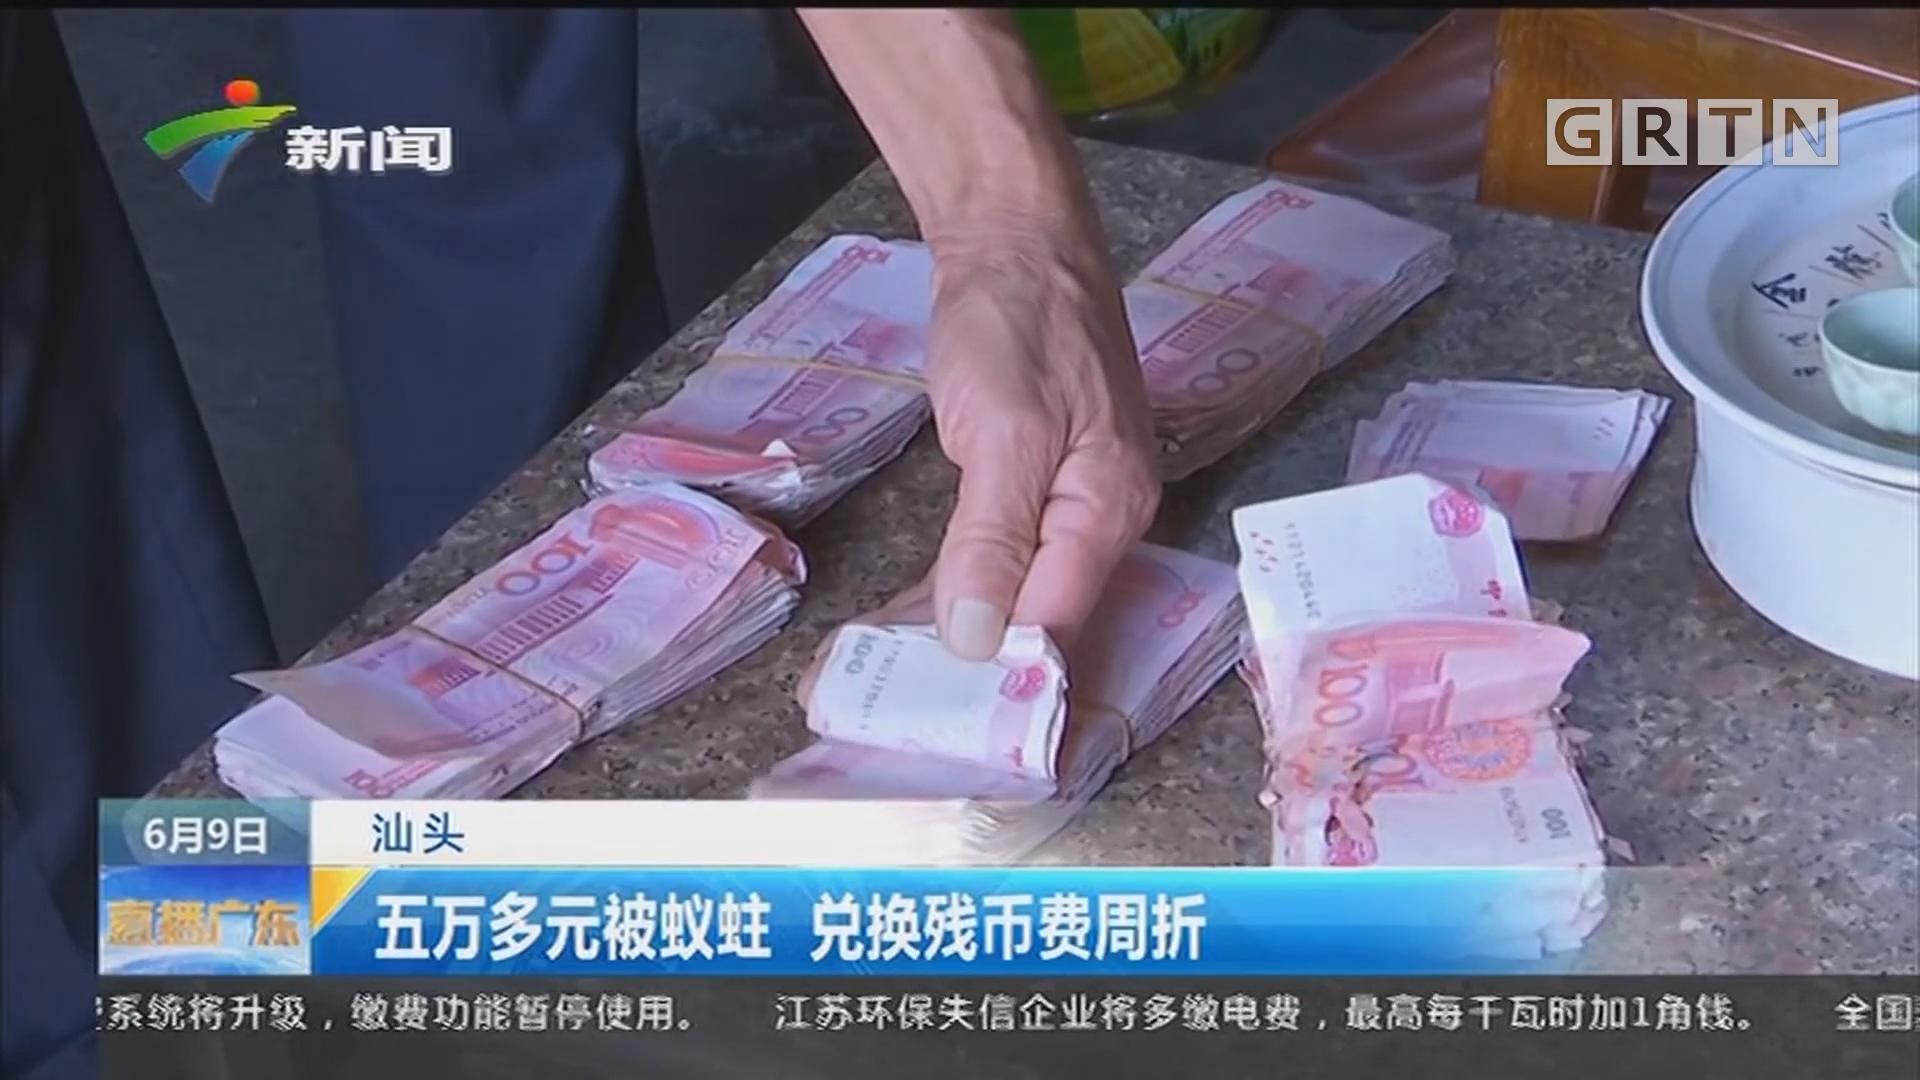 汕头:五万多元被蚁蛀 兑换残币费周折